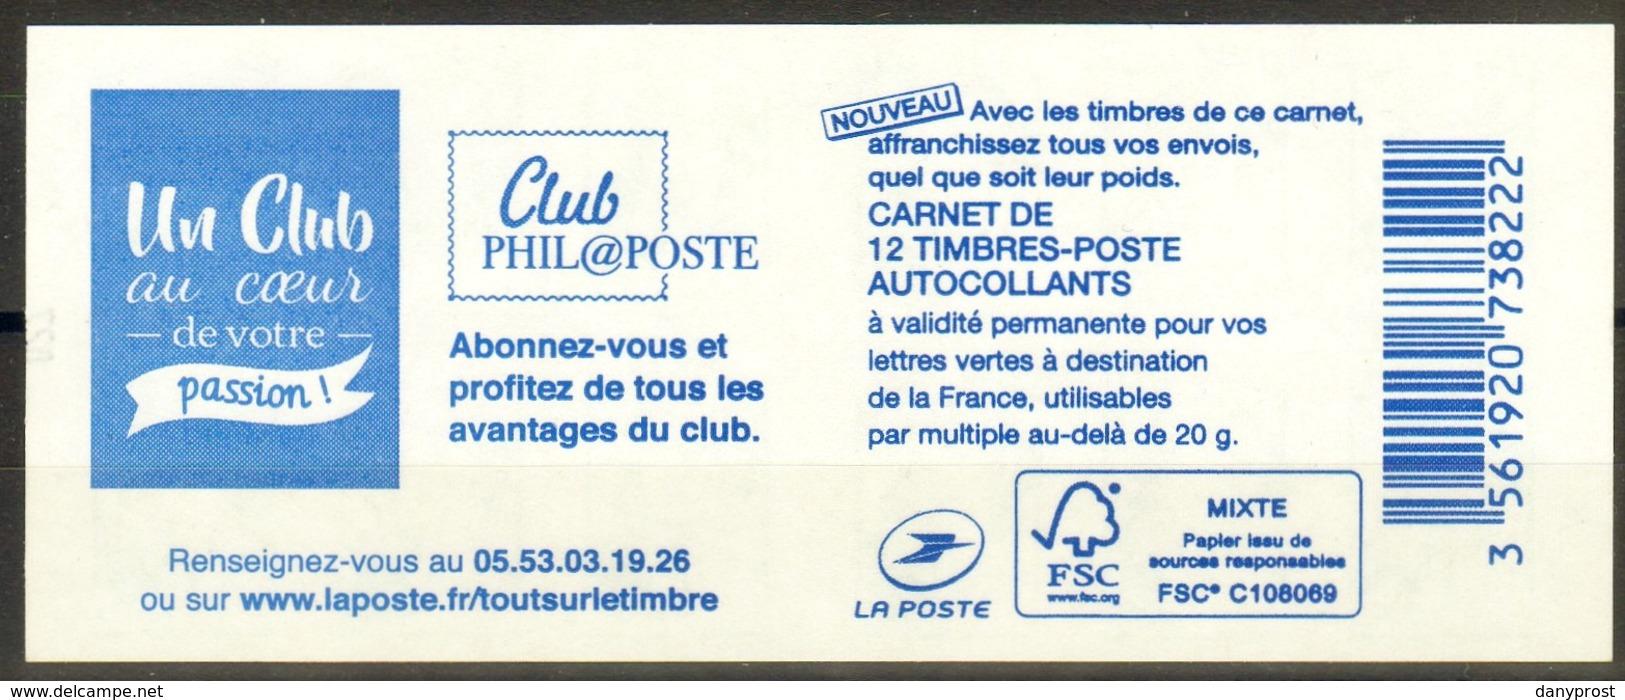 CARNET N° 1215-C 8  / U.C-CIAPPA-12ex-20g LV / Club Phil@poste / RARE, NEUF.... - Carnets